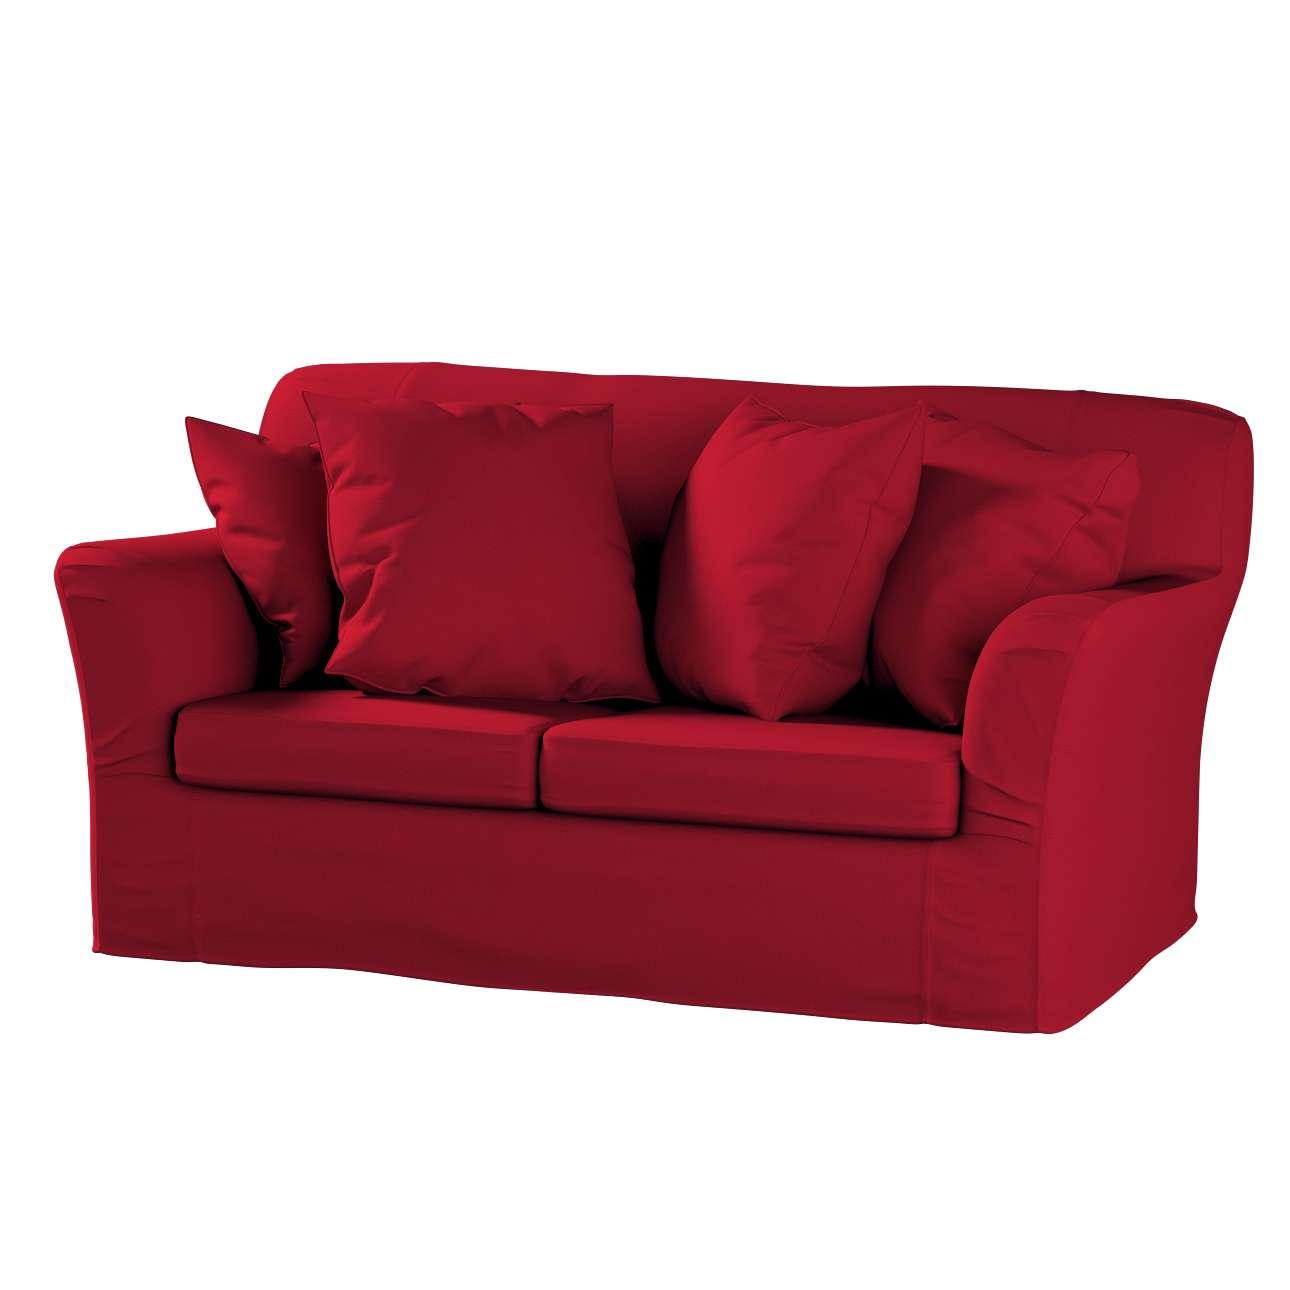 Tomelilla 2-Sitzer Sofabezug nicht ausklappbar Sofahusse, Tomelilla 2-Sitzer von der Kollektion Etna, Stoff: 705-60